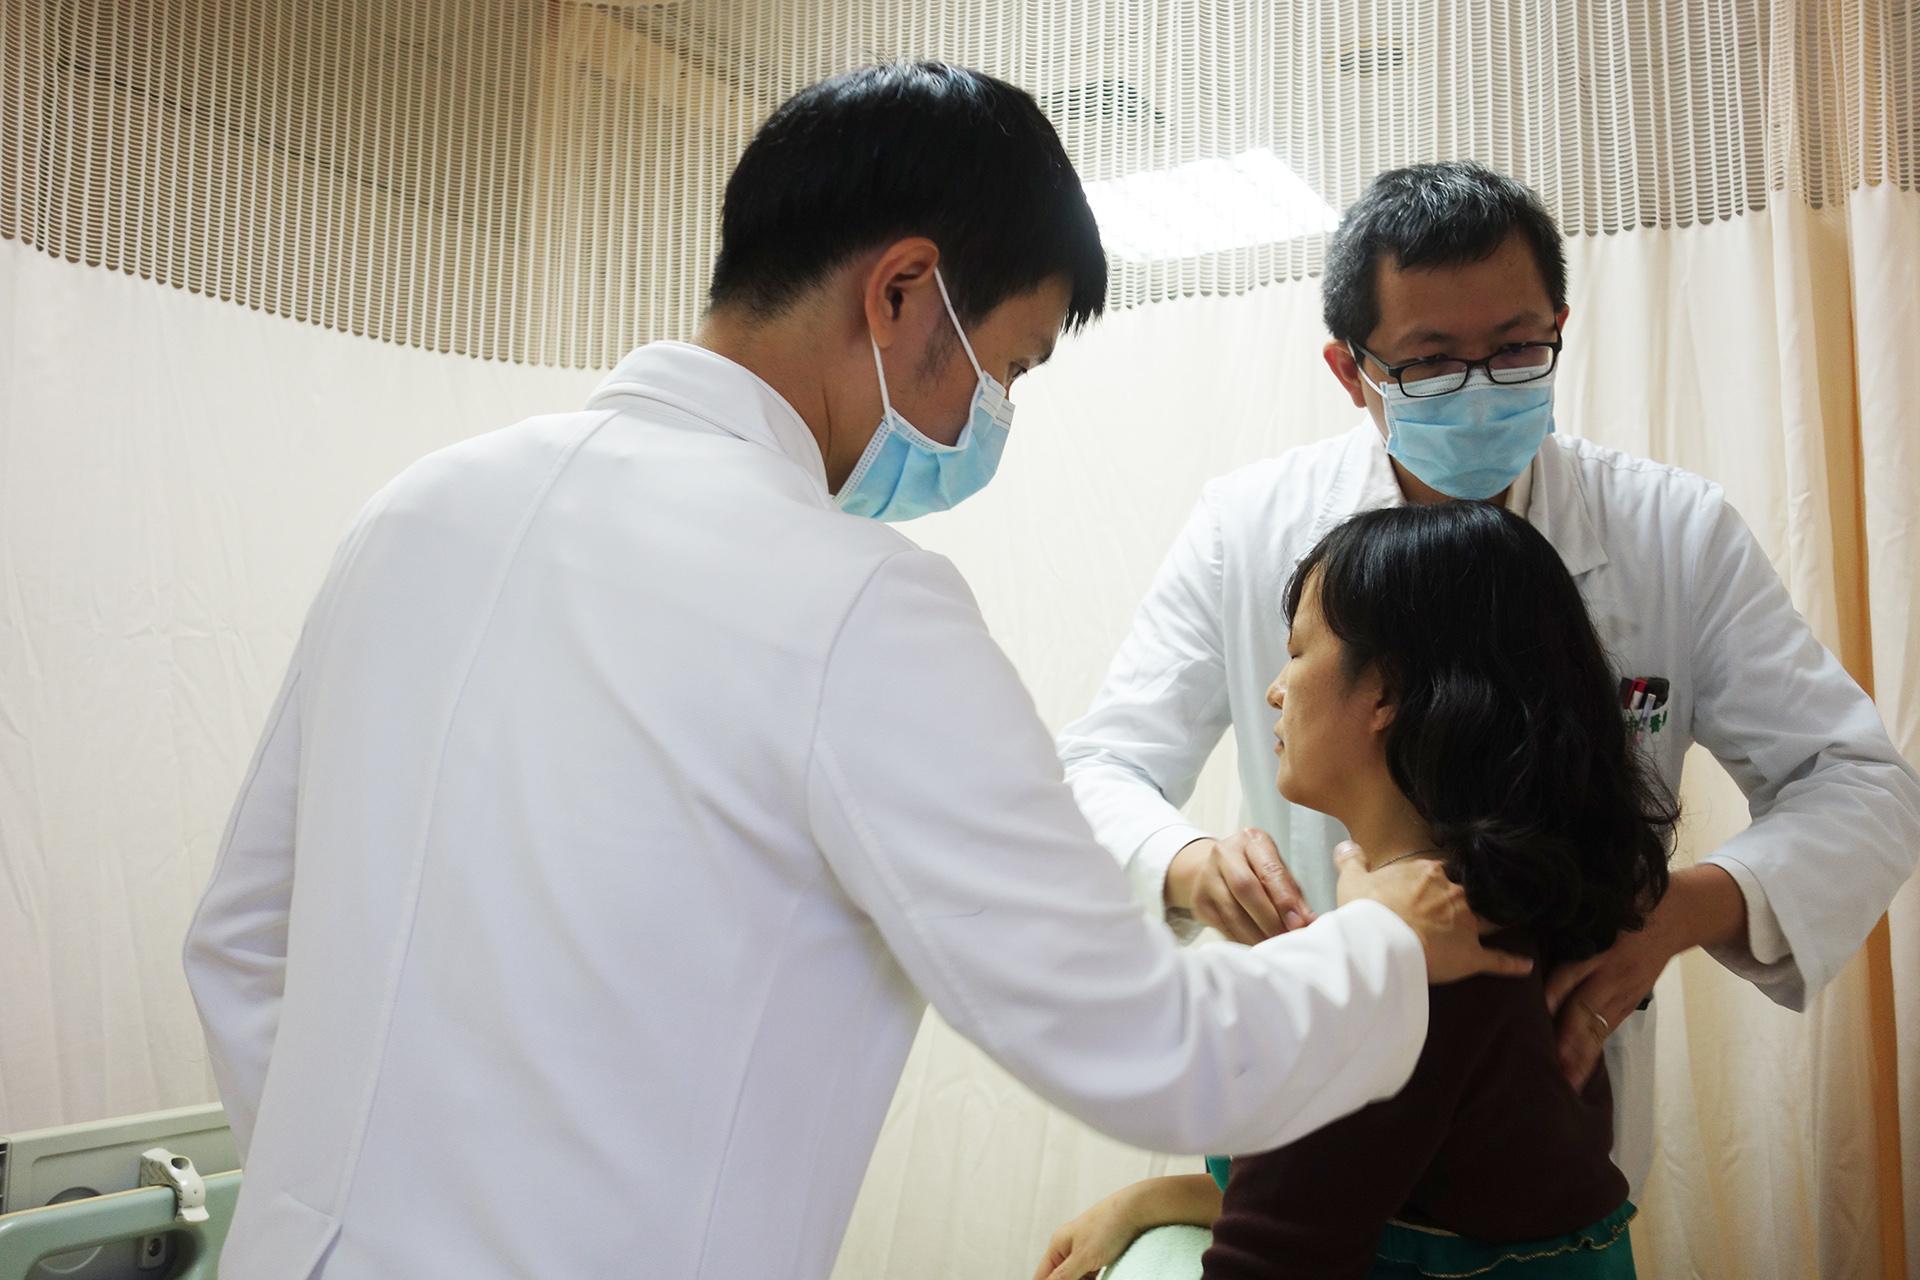 高允中醫師為病患看診